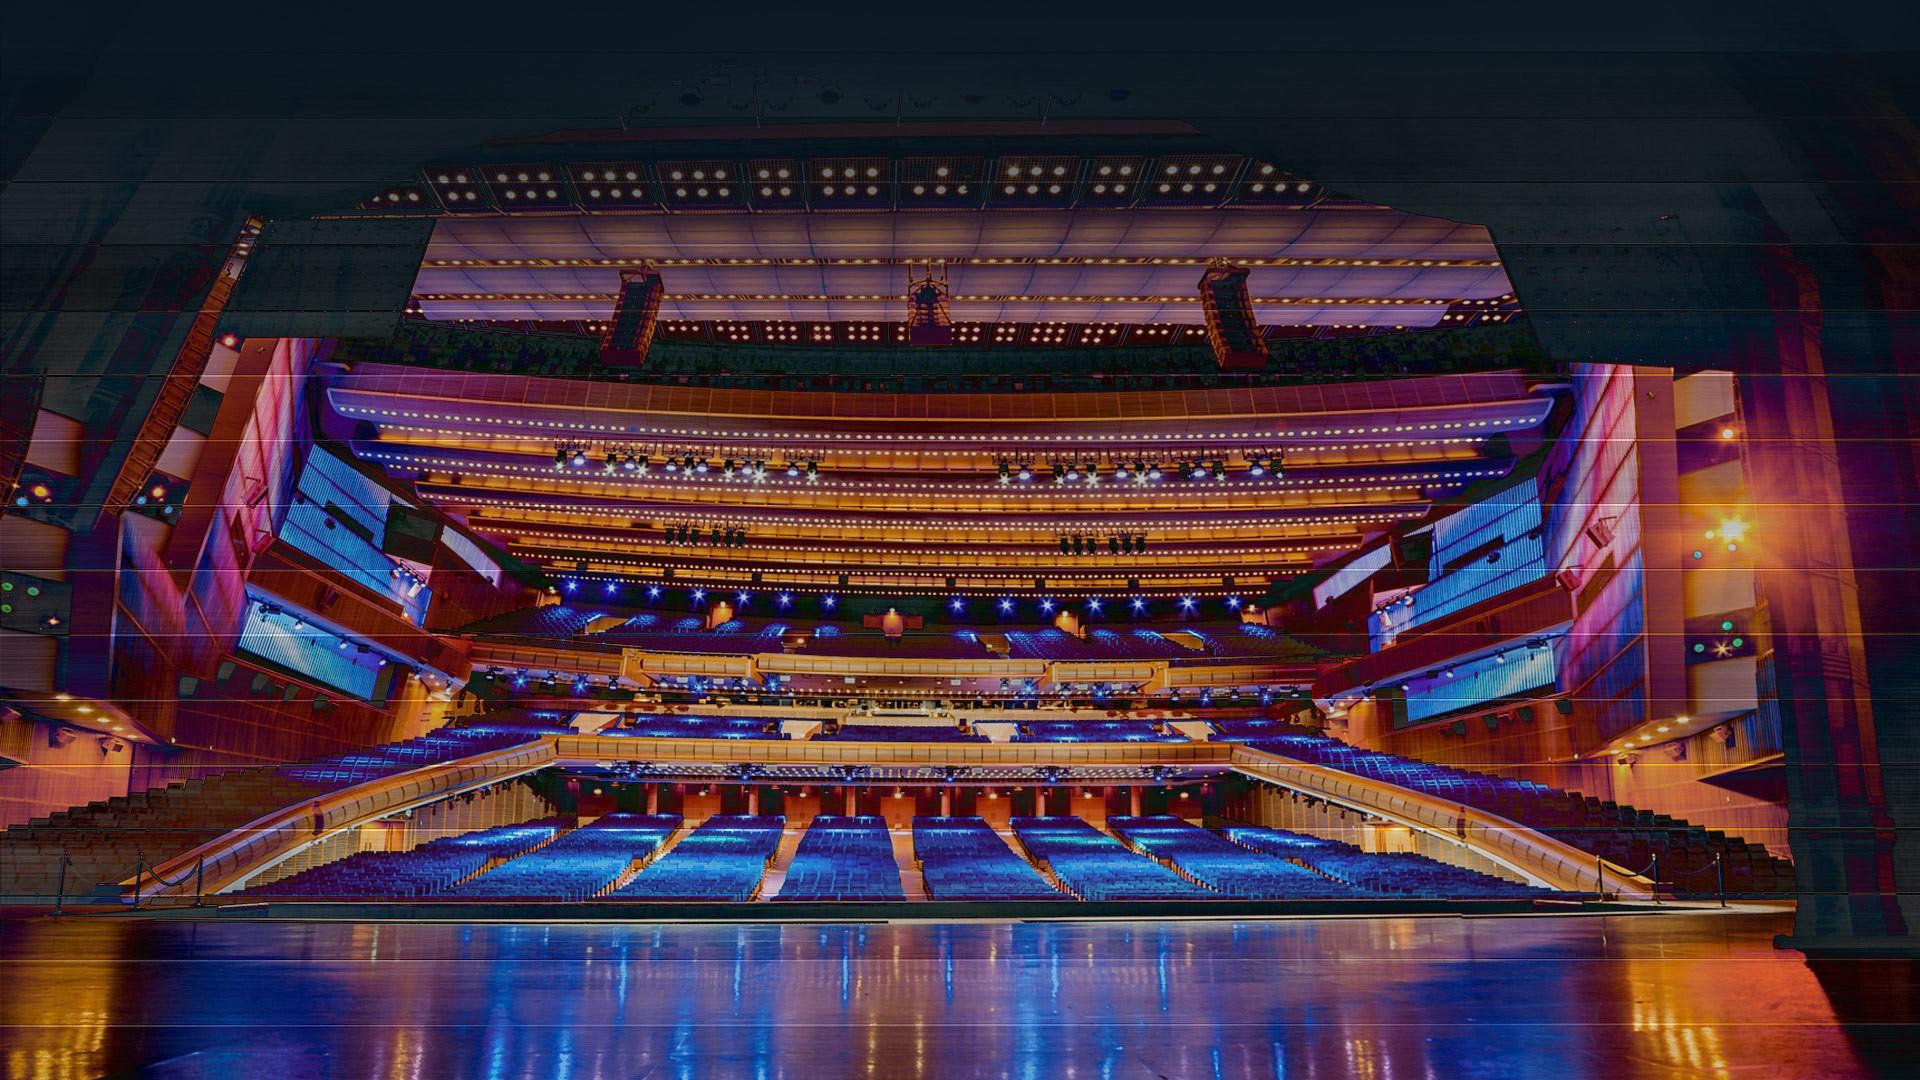 Кремлевский дворец официальный сайт схема зала фото 892